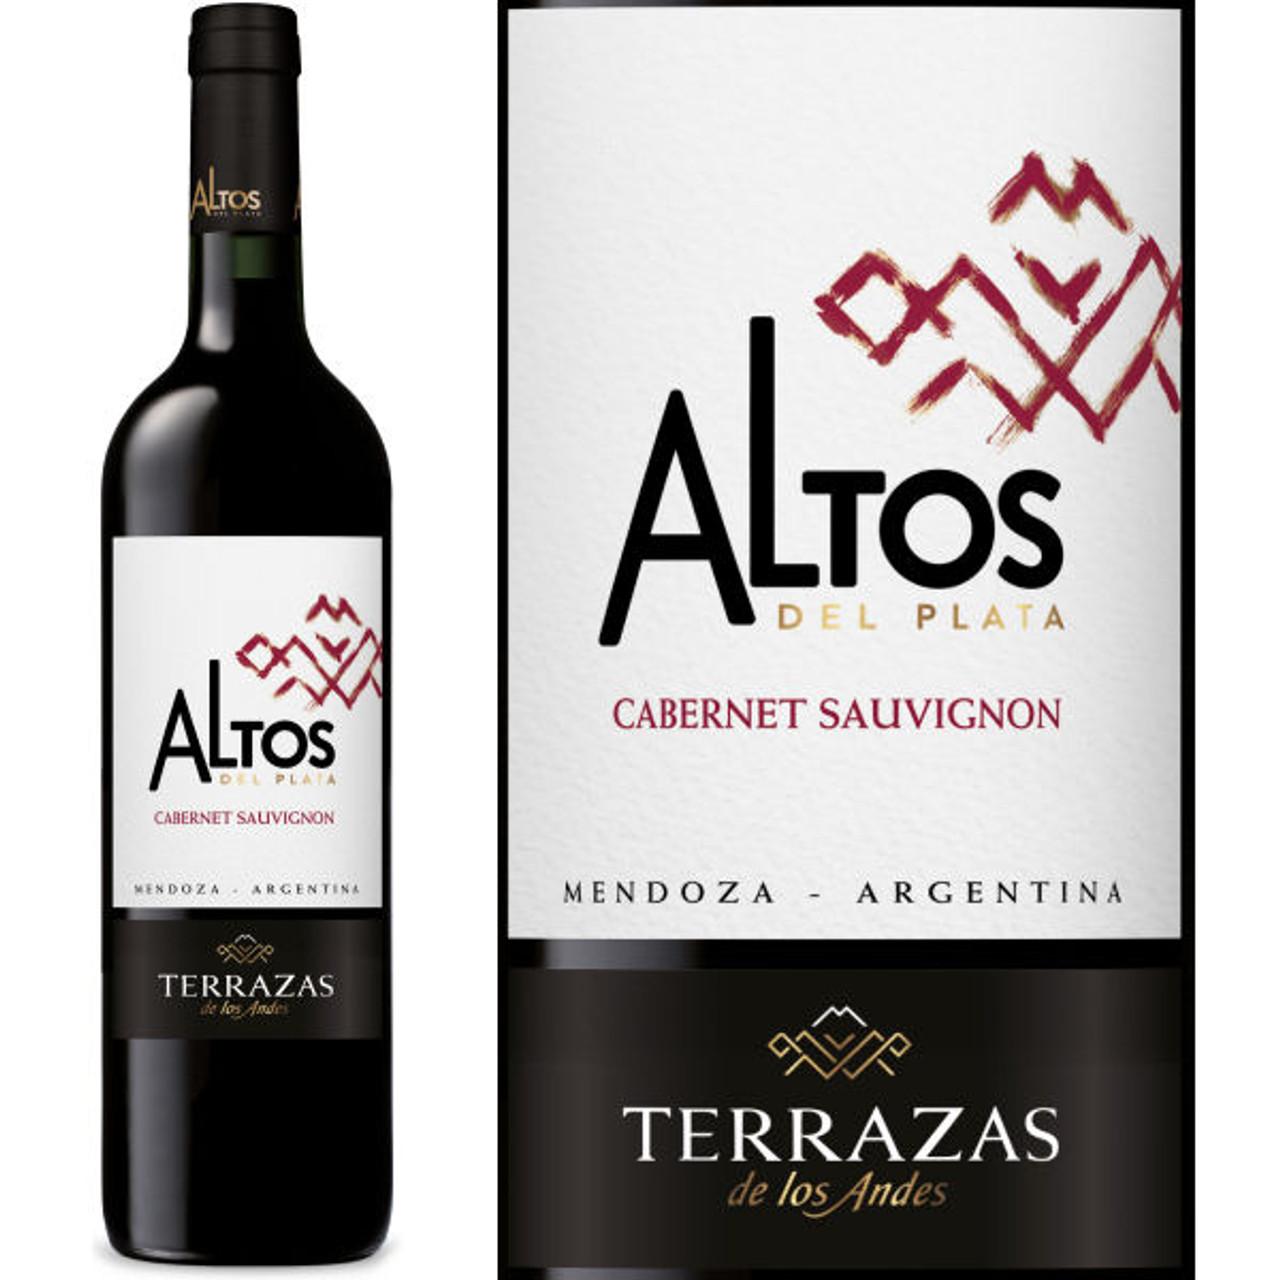 Terrazas De Los Andes Altos Del Plata Cabernet 2018